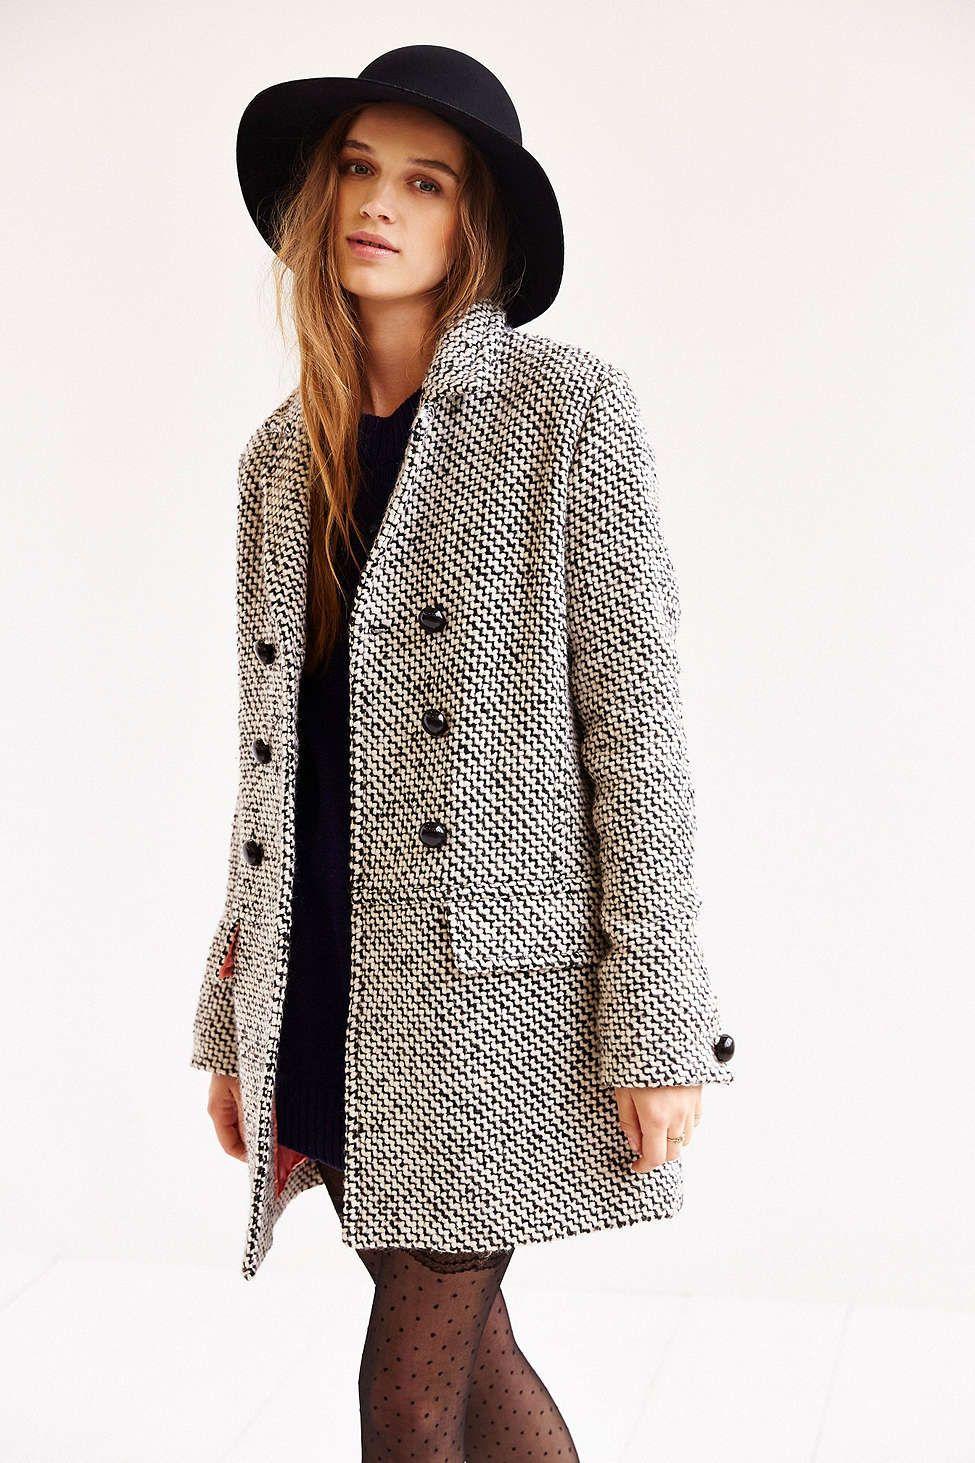 Edith & Ella Mod Pea Coat | FASHION | Fashion, Fall outfits, Autumn fashion